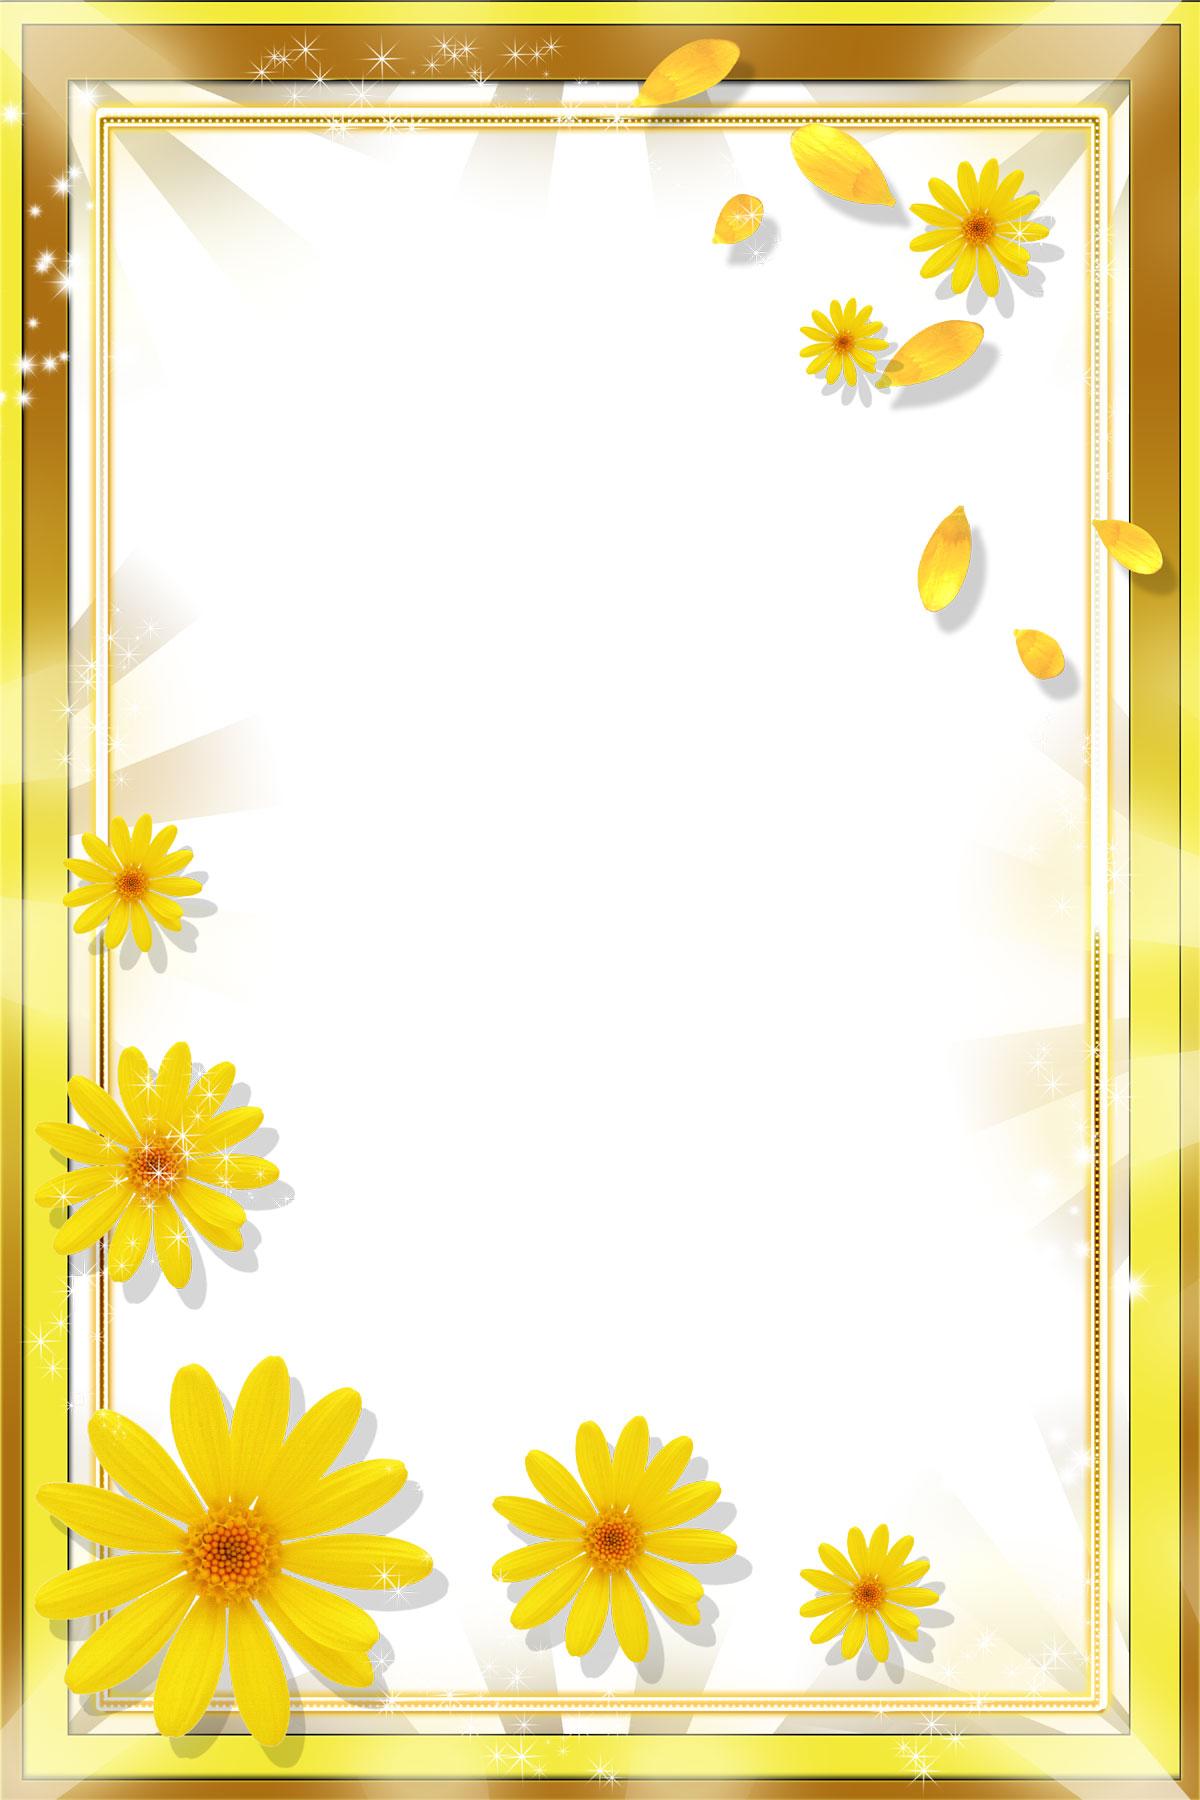 花のイラスト・フリー素材/フレーム枠no.661『大小ひまわり』